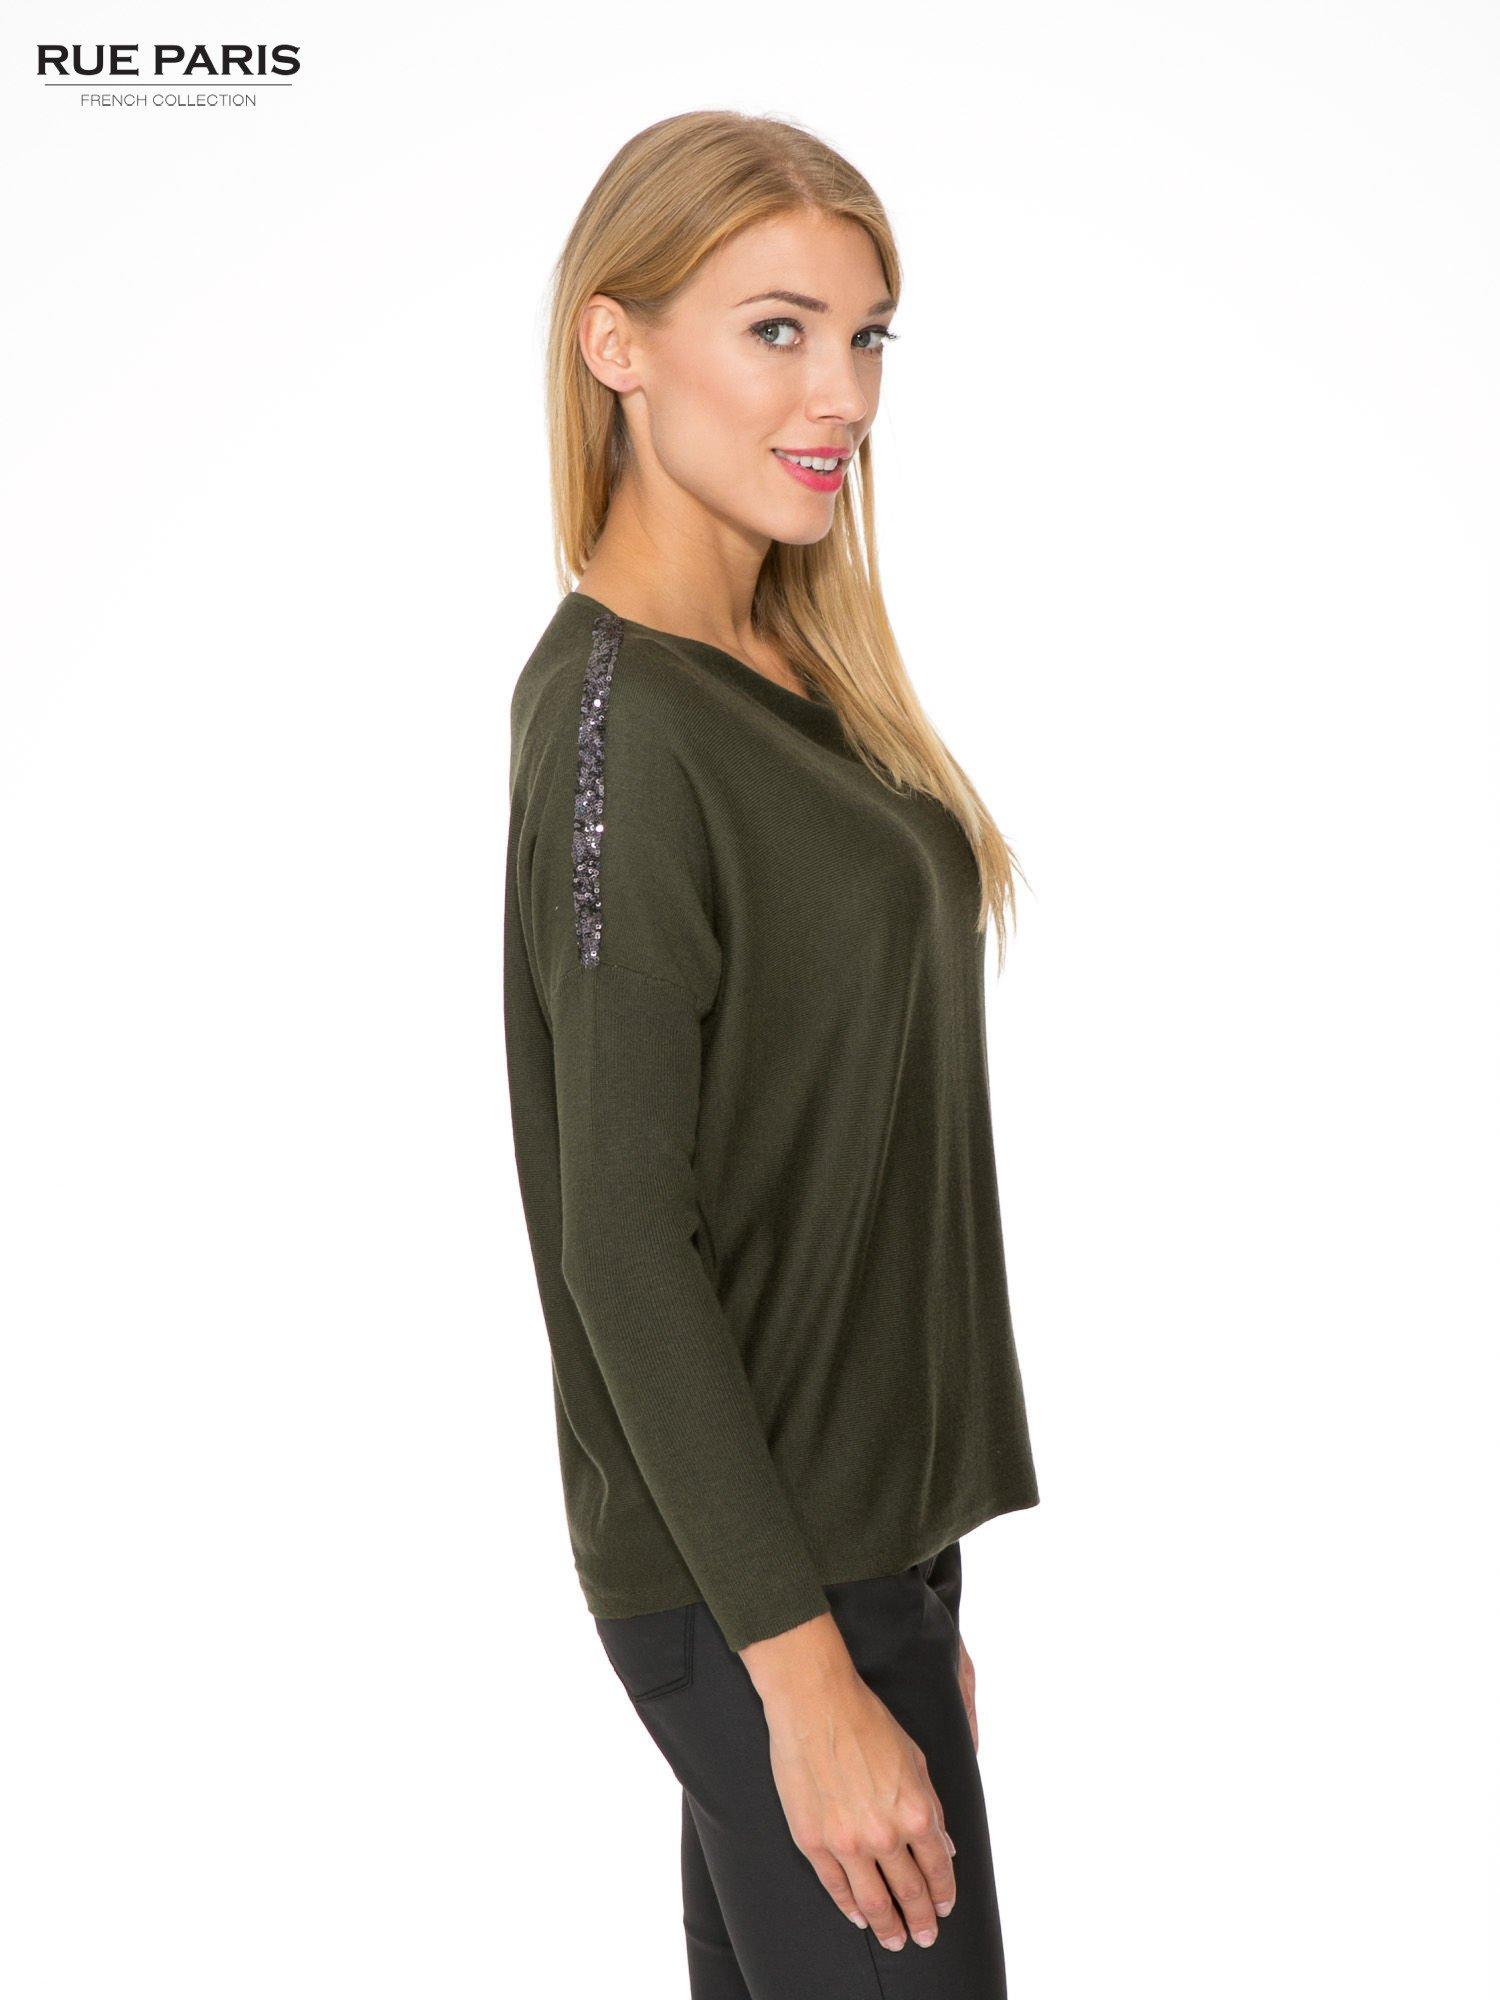 Oliwkowy sweter o nietoperzowym kroju z cekinową aplikacją na rękawach                                  zdj.                                  3